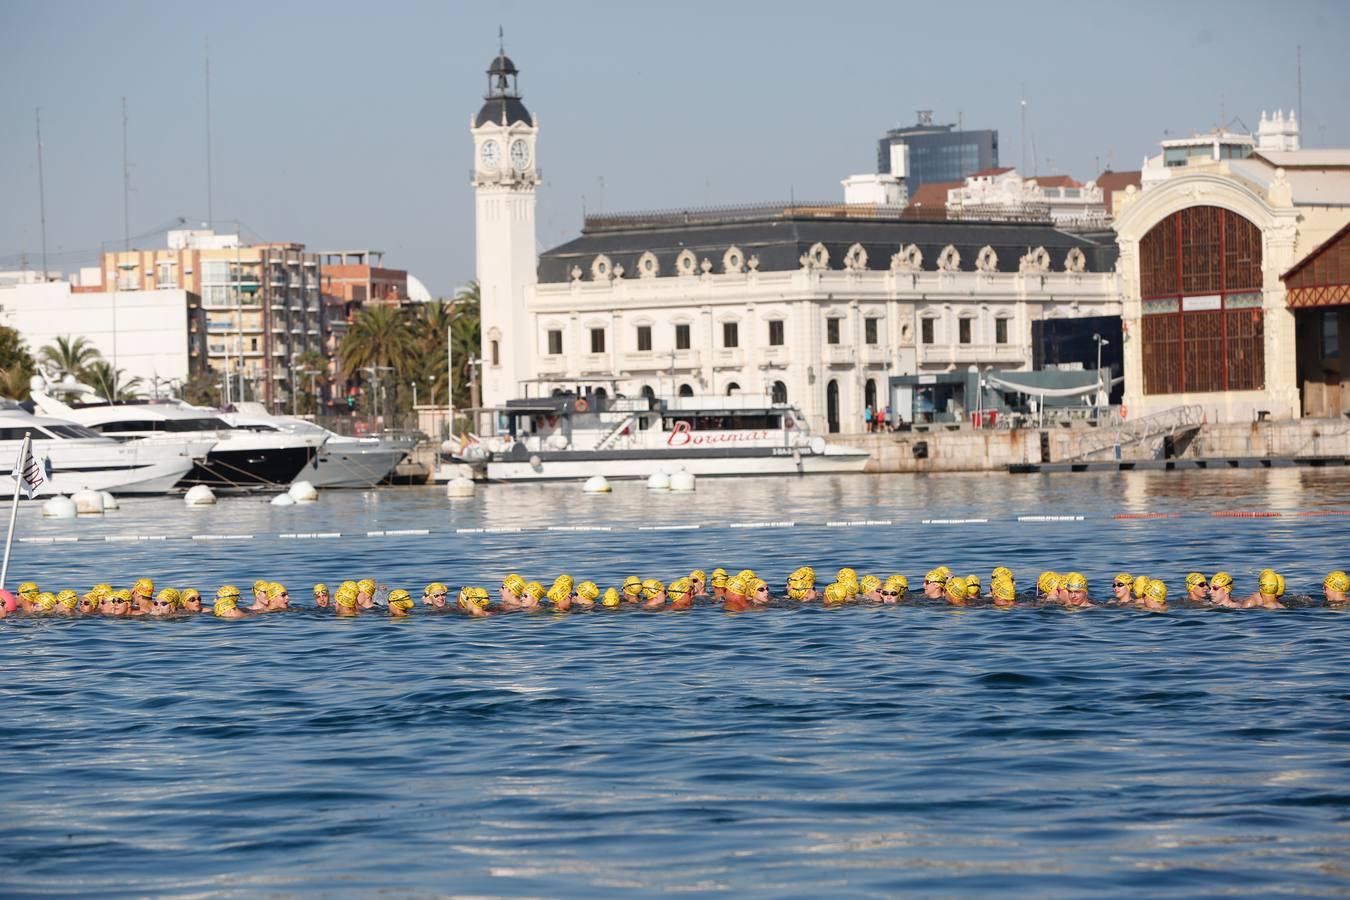 La Travesía a Nado del puerto de Valencia celebra su 27.ª edición